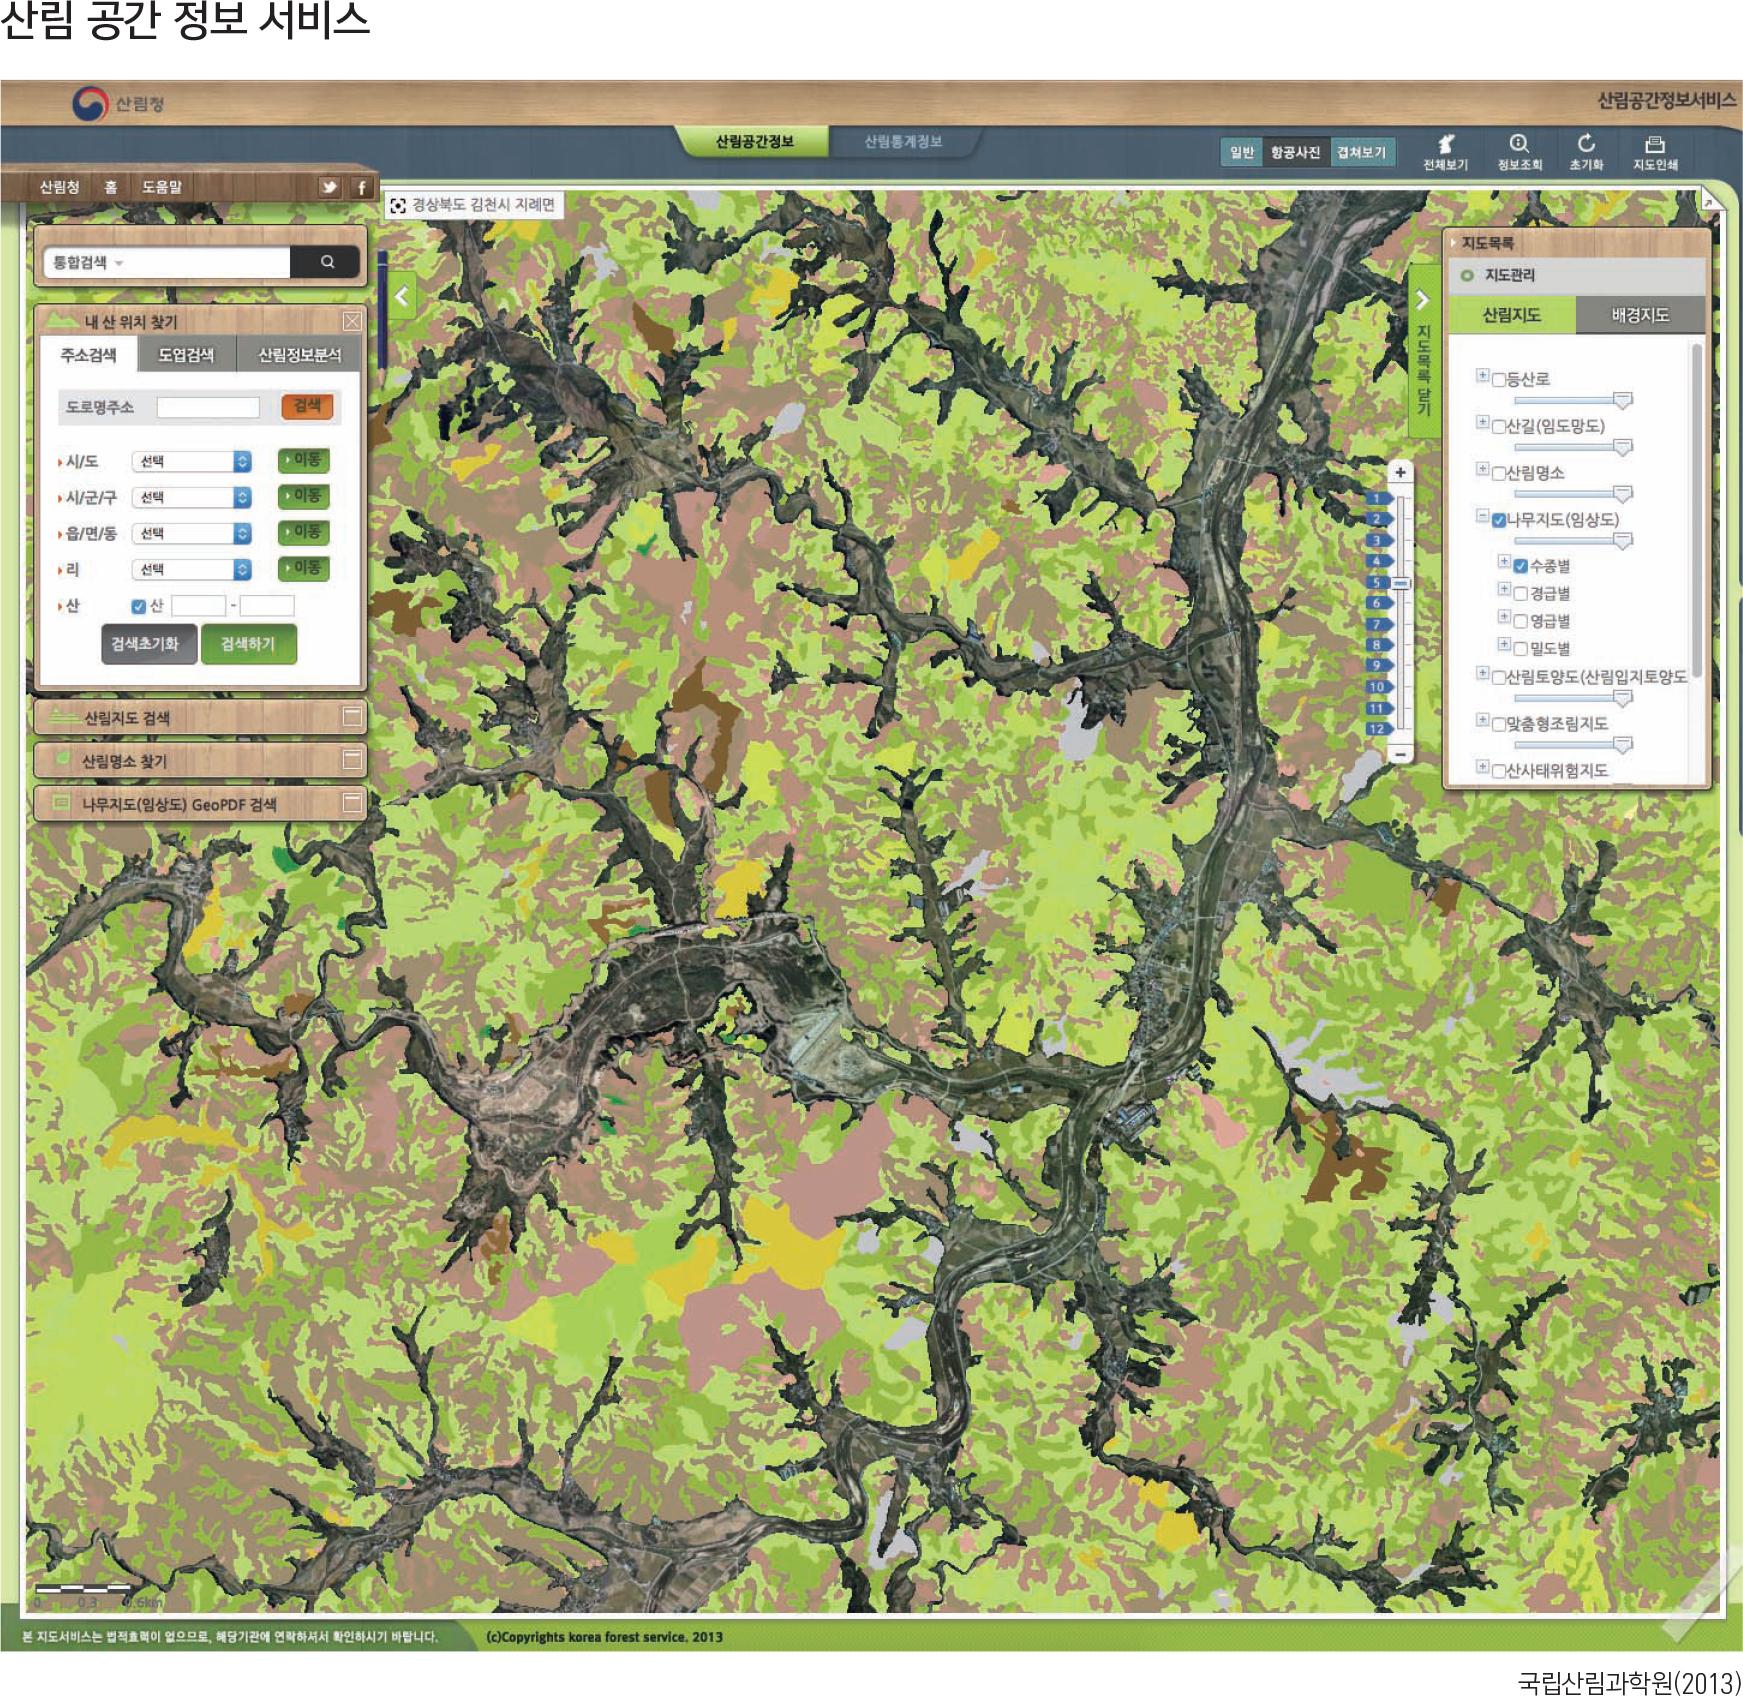 산림공간정보서비스